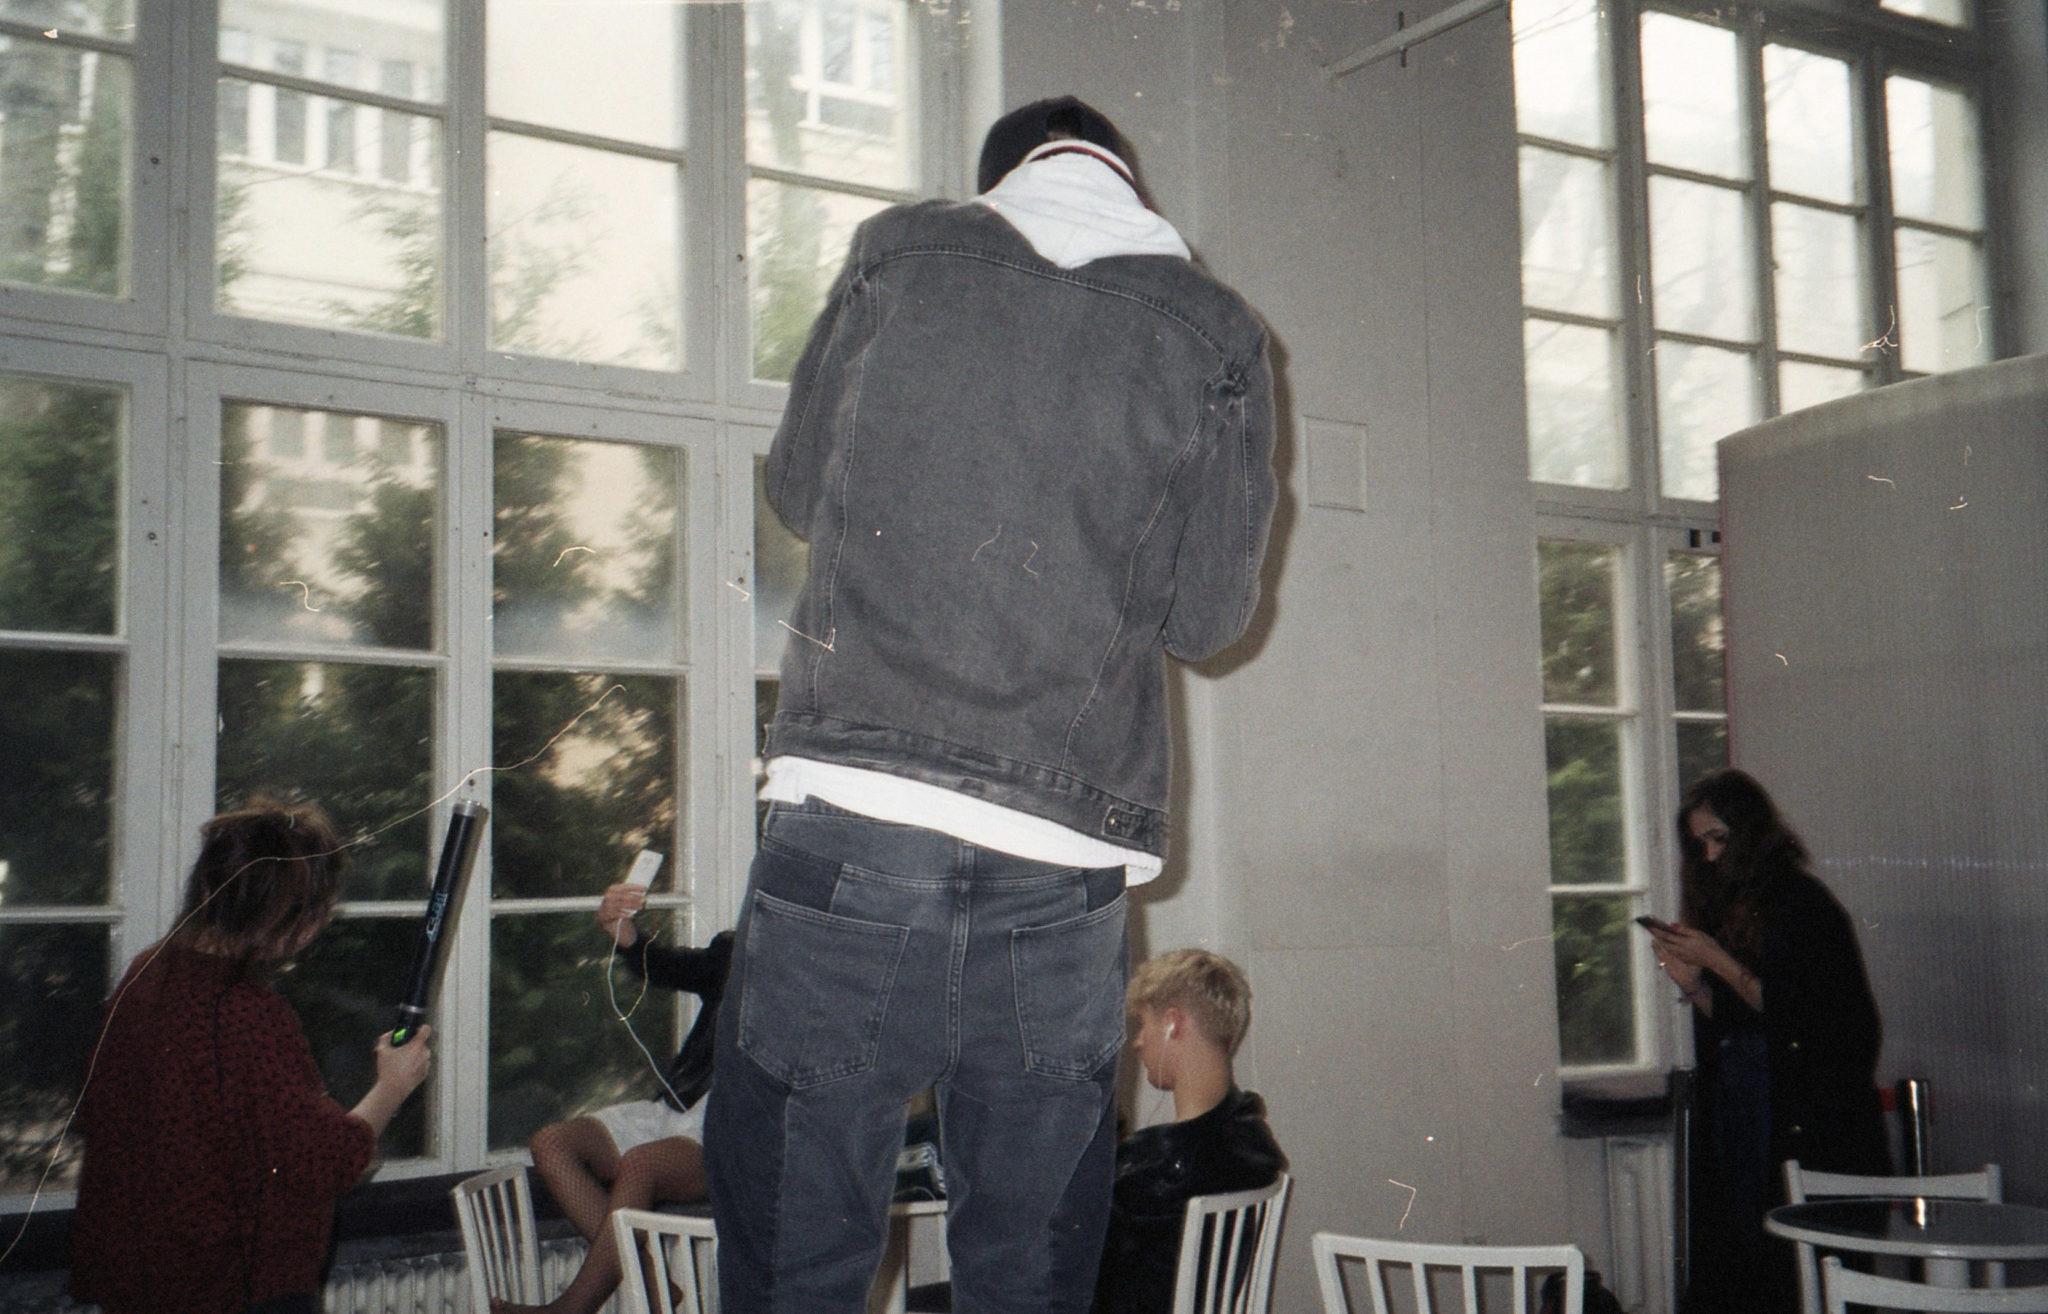 Mężczyzna stojący tyłem, ubrany w kurtkę, bluzę z kapturem i ciemne spodnie